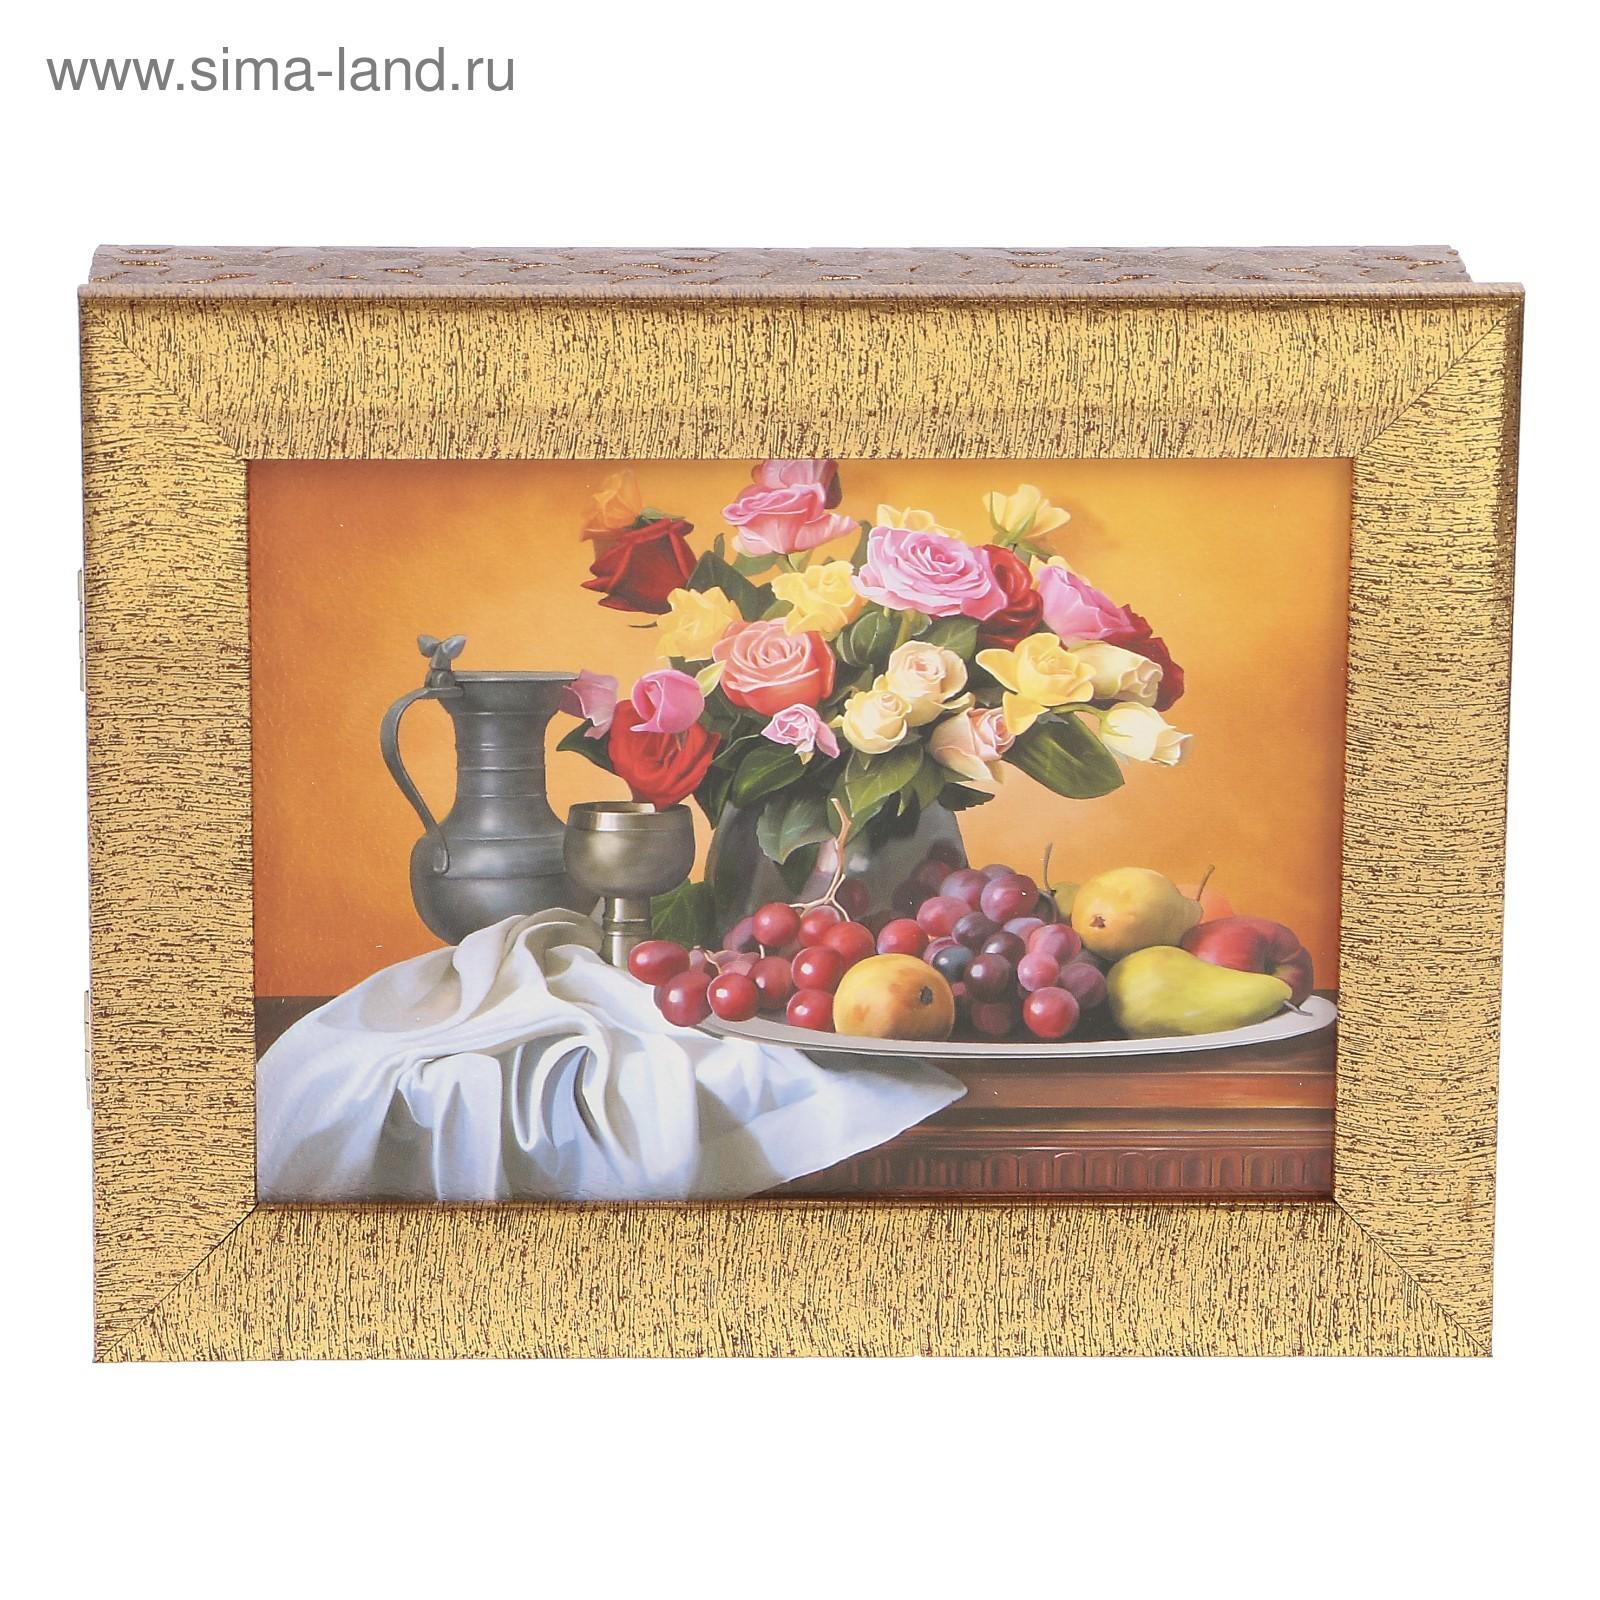 Натюрморт фрукты с цветами фото